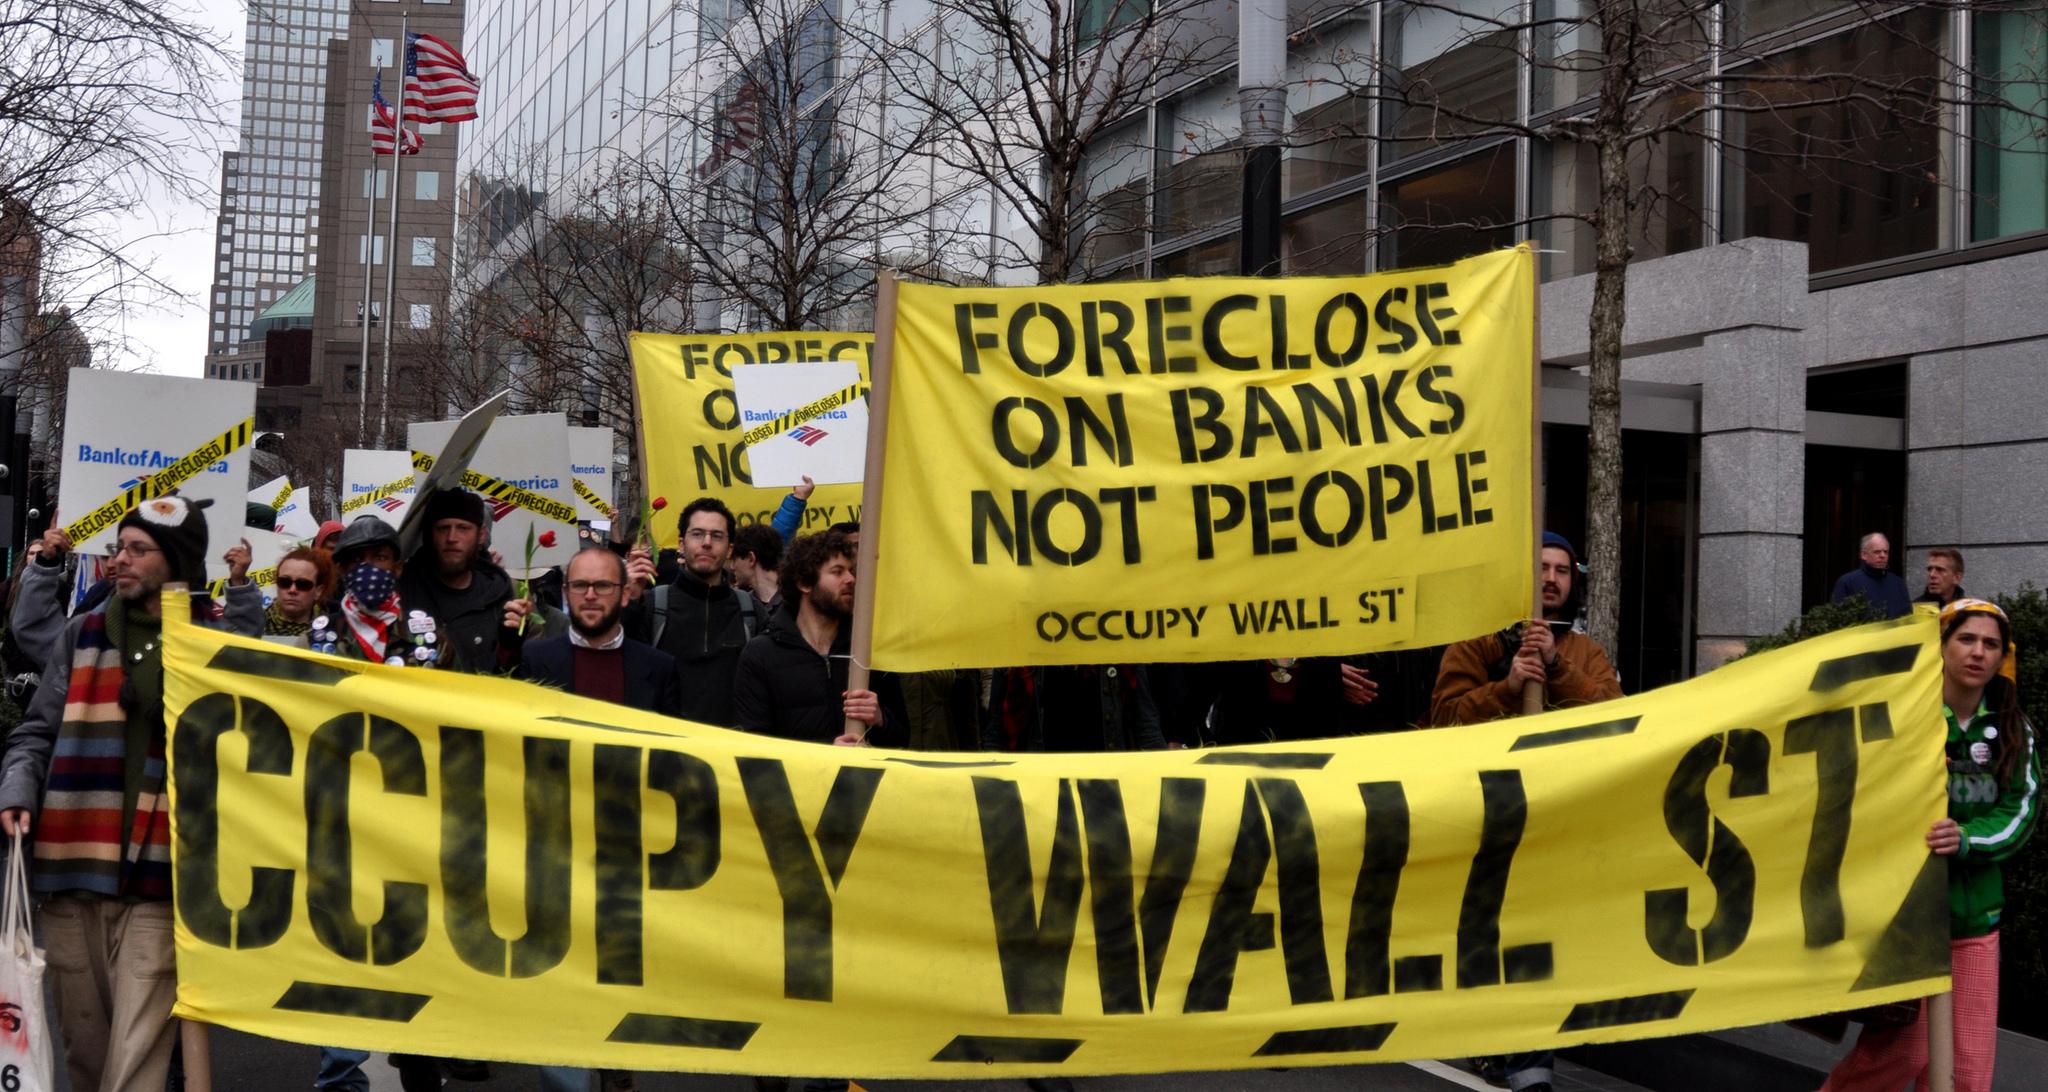 חברי תנועת Occupy Wall Street במהלך הפגנה, ניו יורק, ספטמבר 2011 (צילום: Michael Fleshman, flickr)